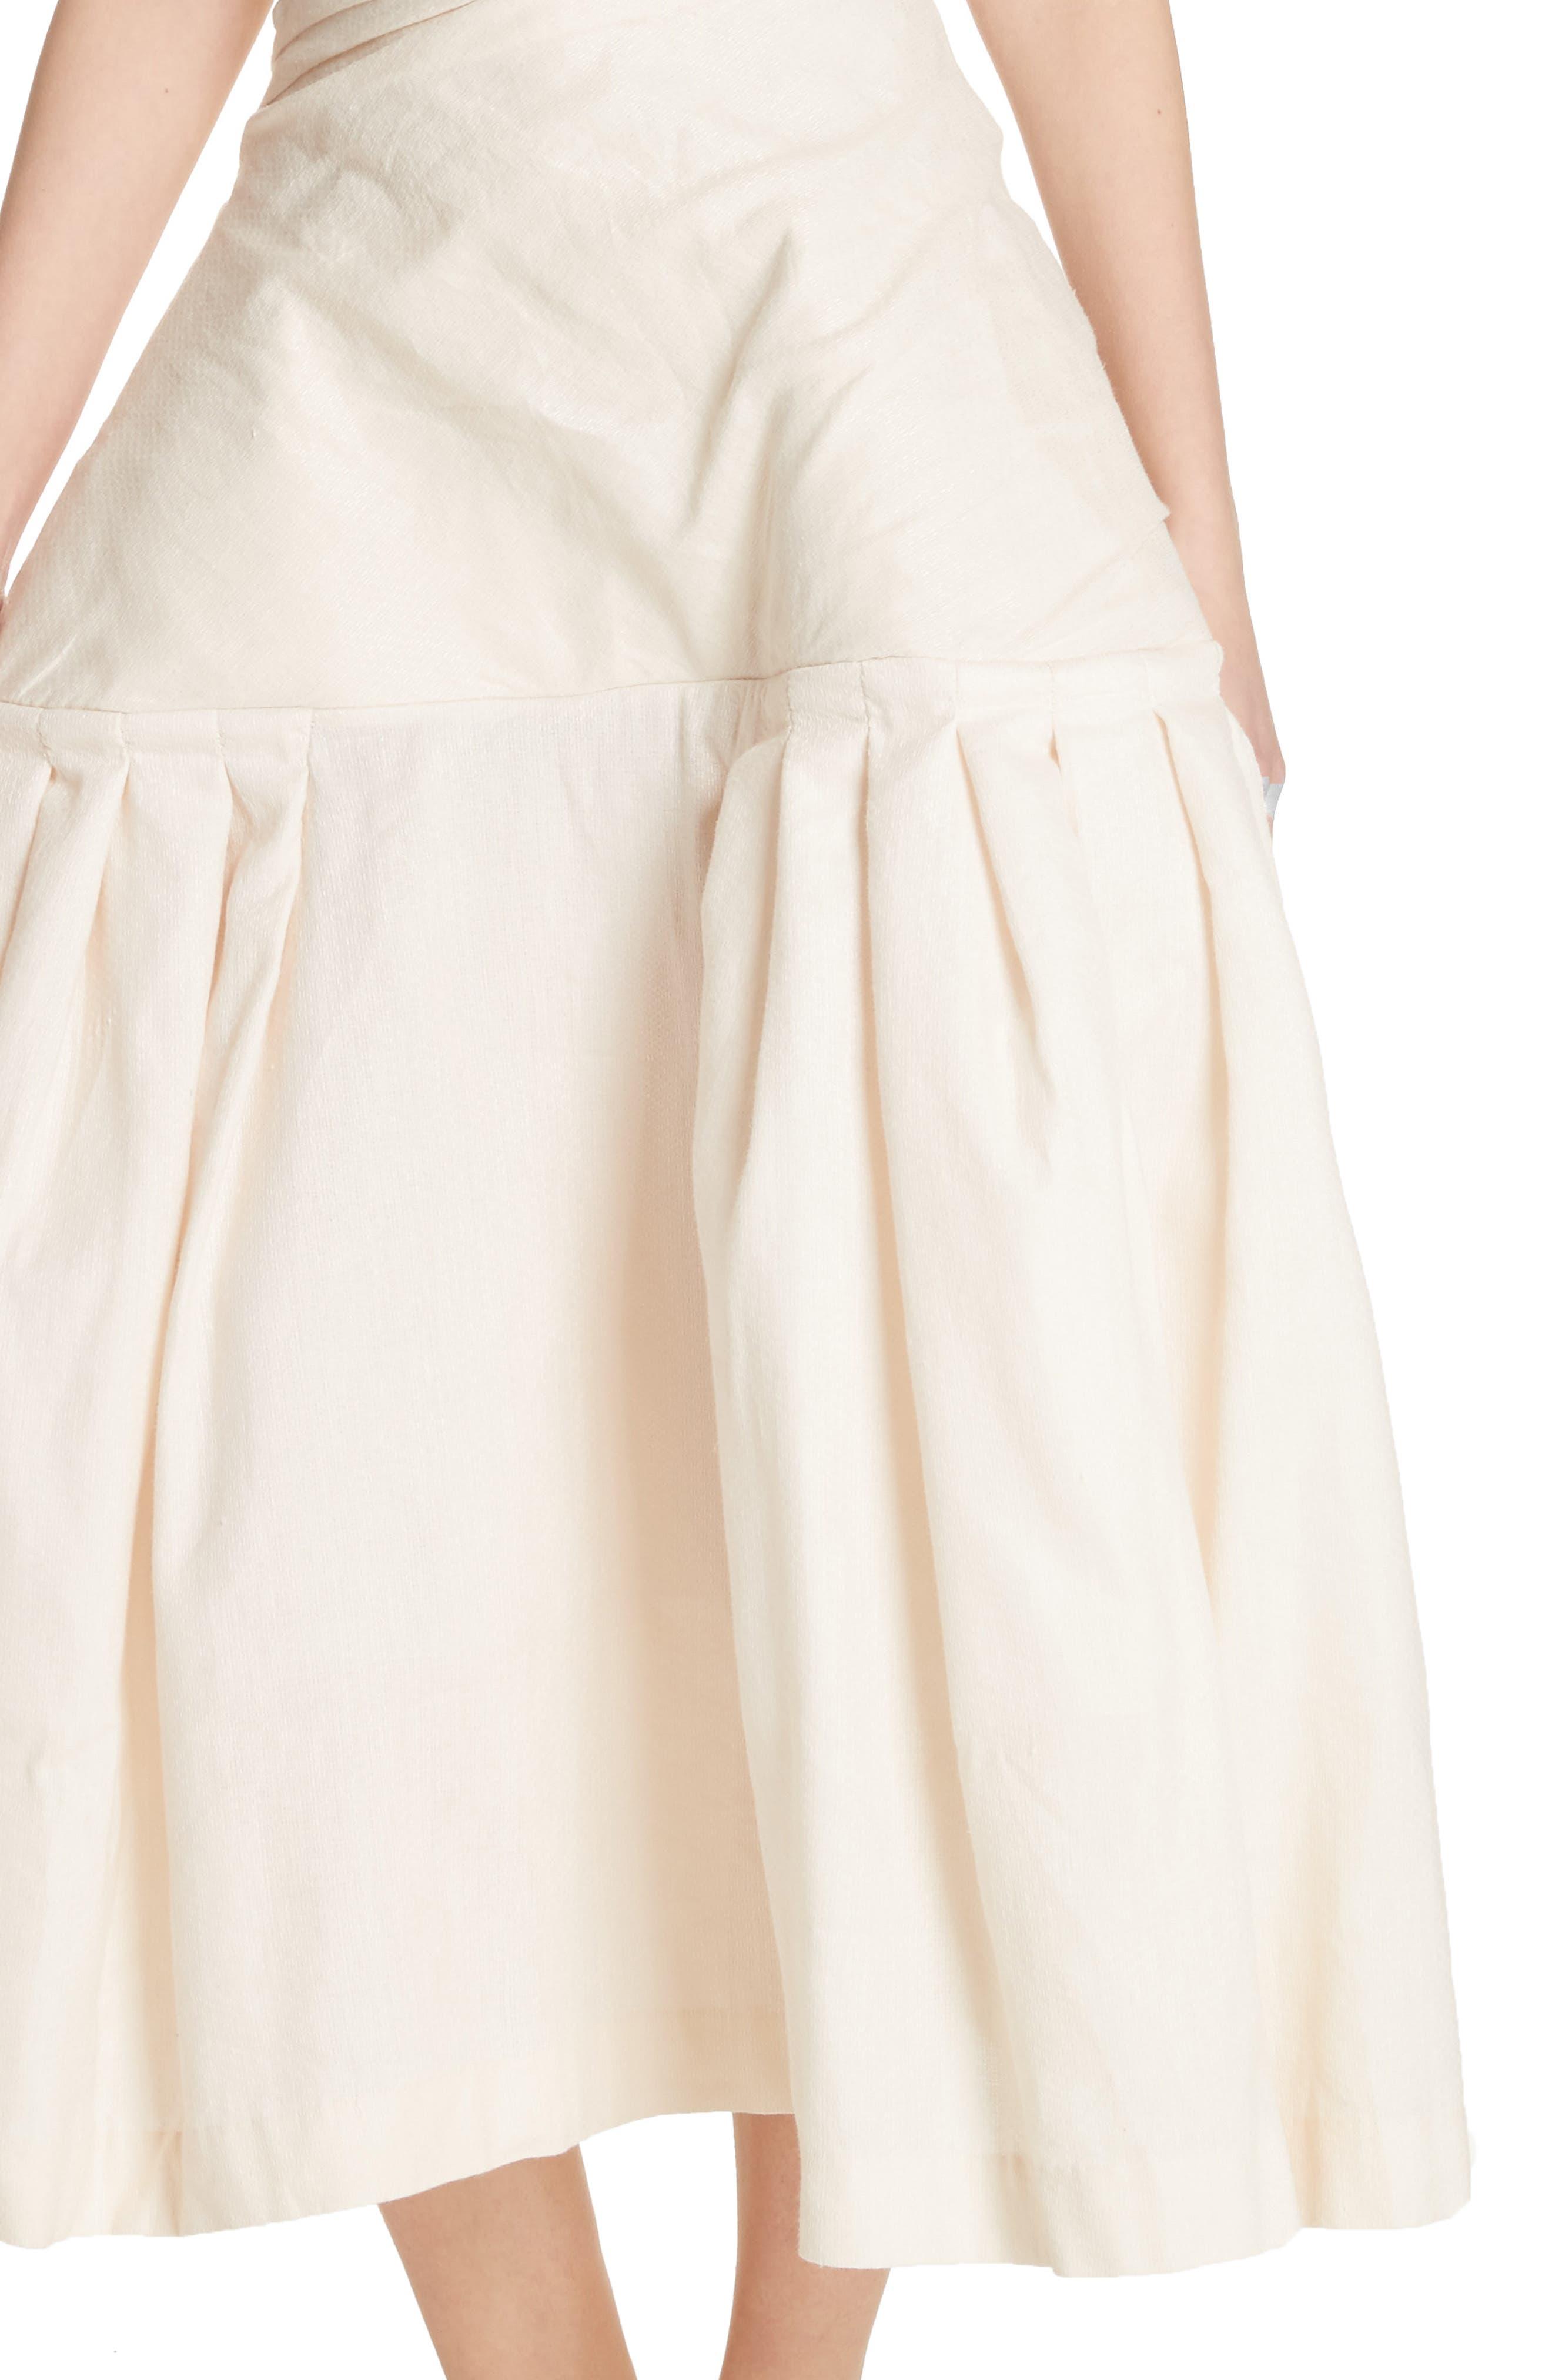 La Robe Limao Linen & Cotton Trumpet Dress,                             Alternate thumbnail 4, color,                             Beige